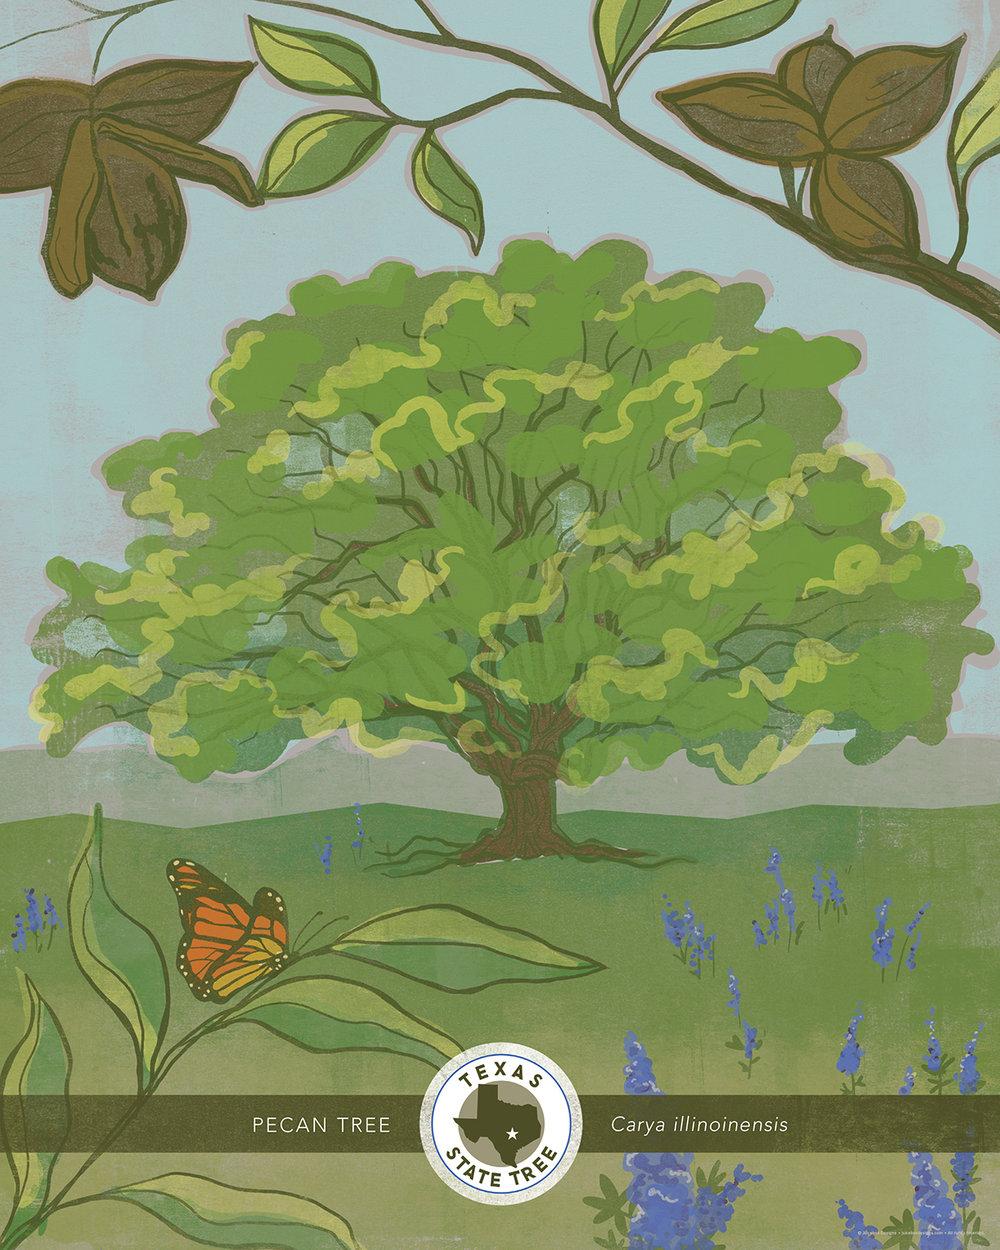 Texas State Tree Illustration Juicebox Designs